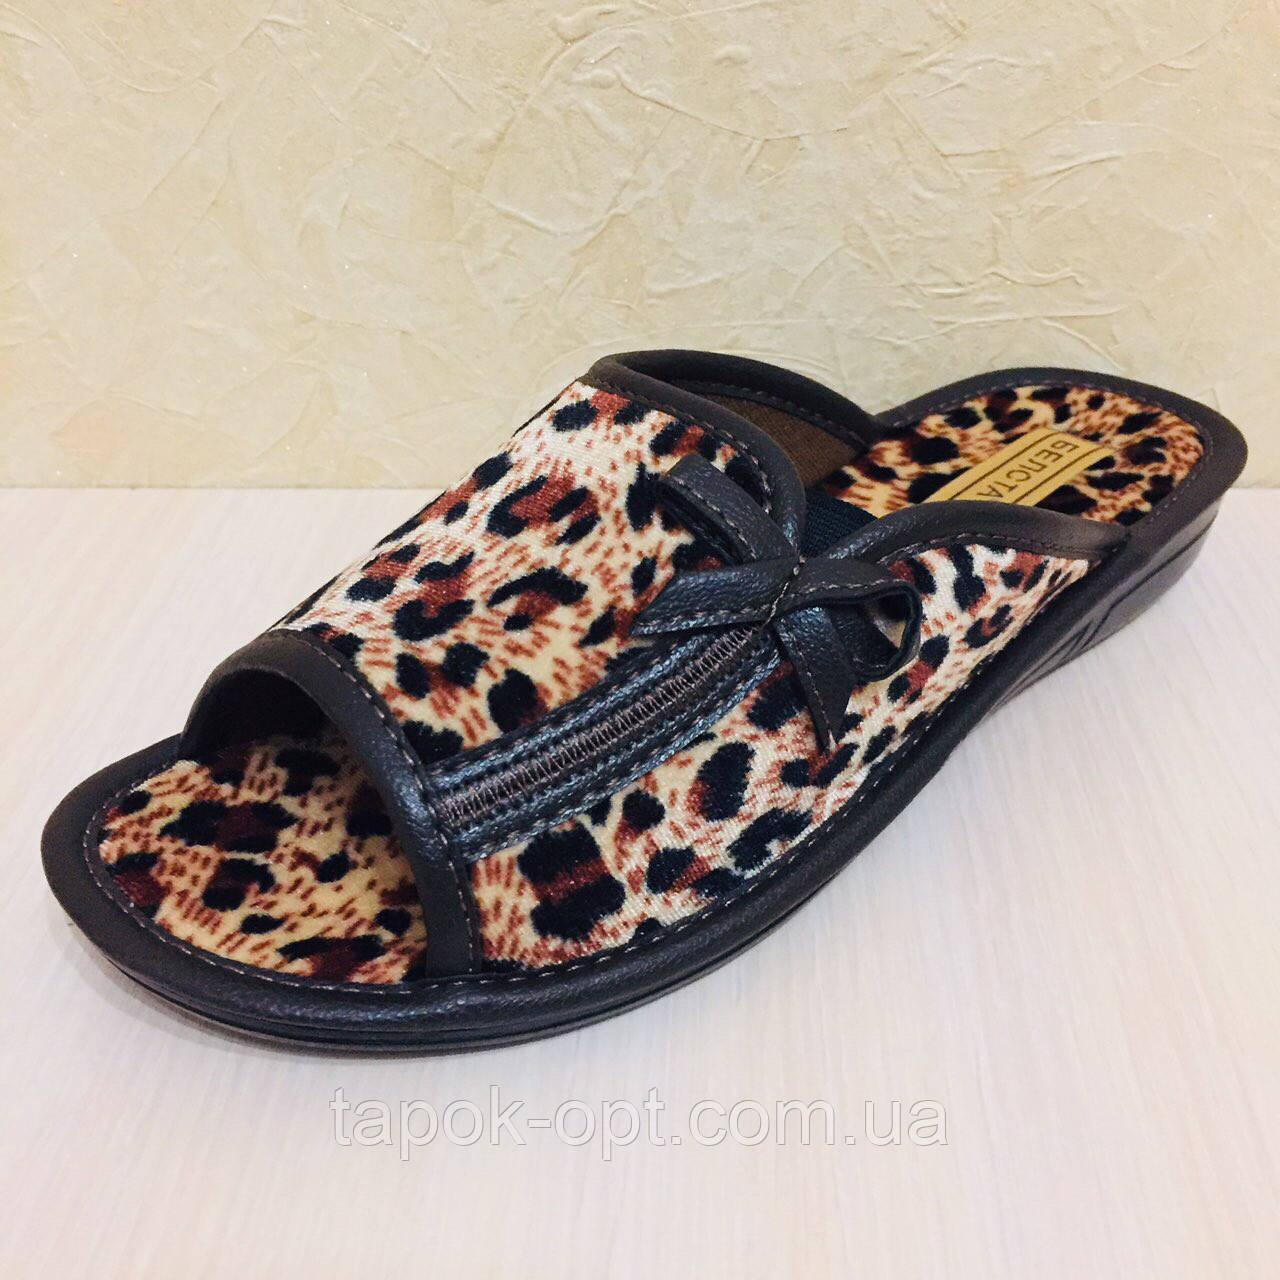 Обувь домашняя женская Белста